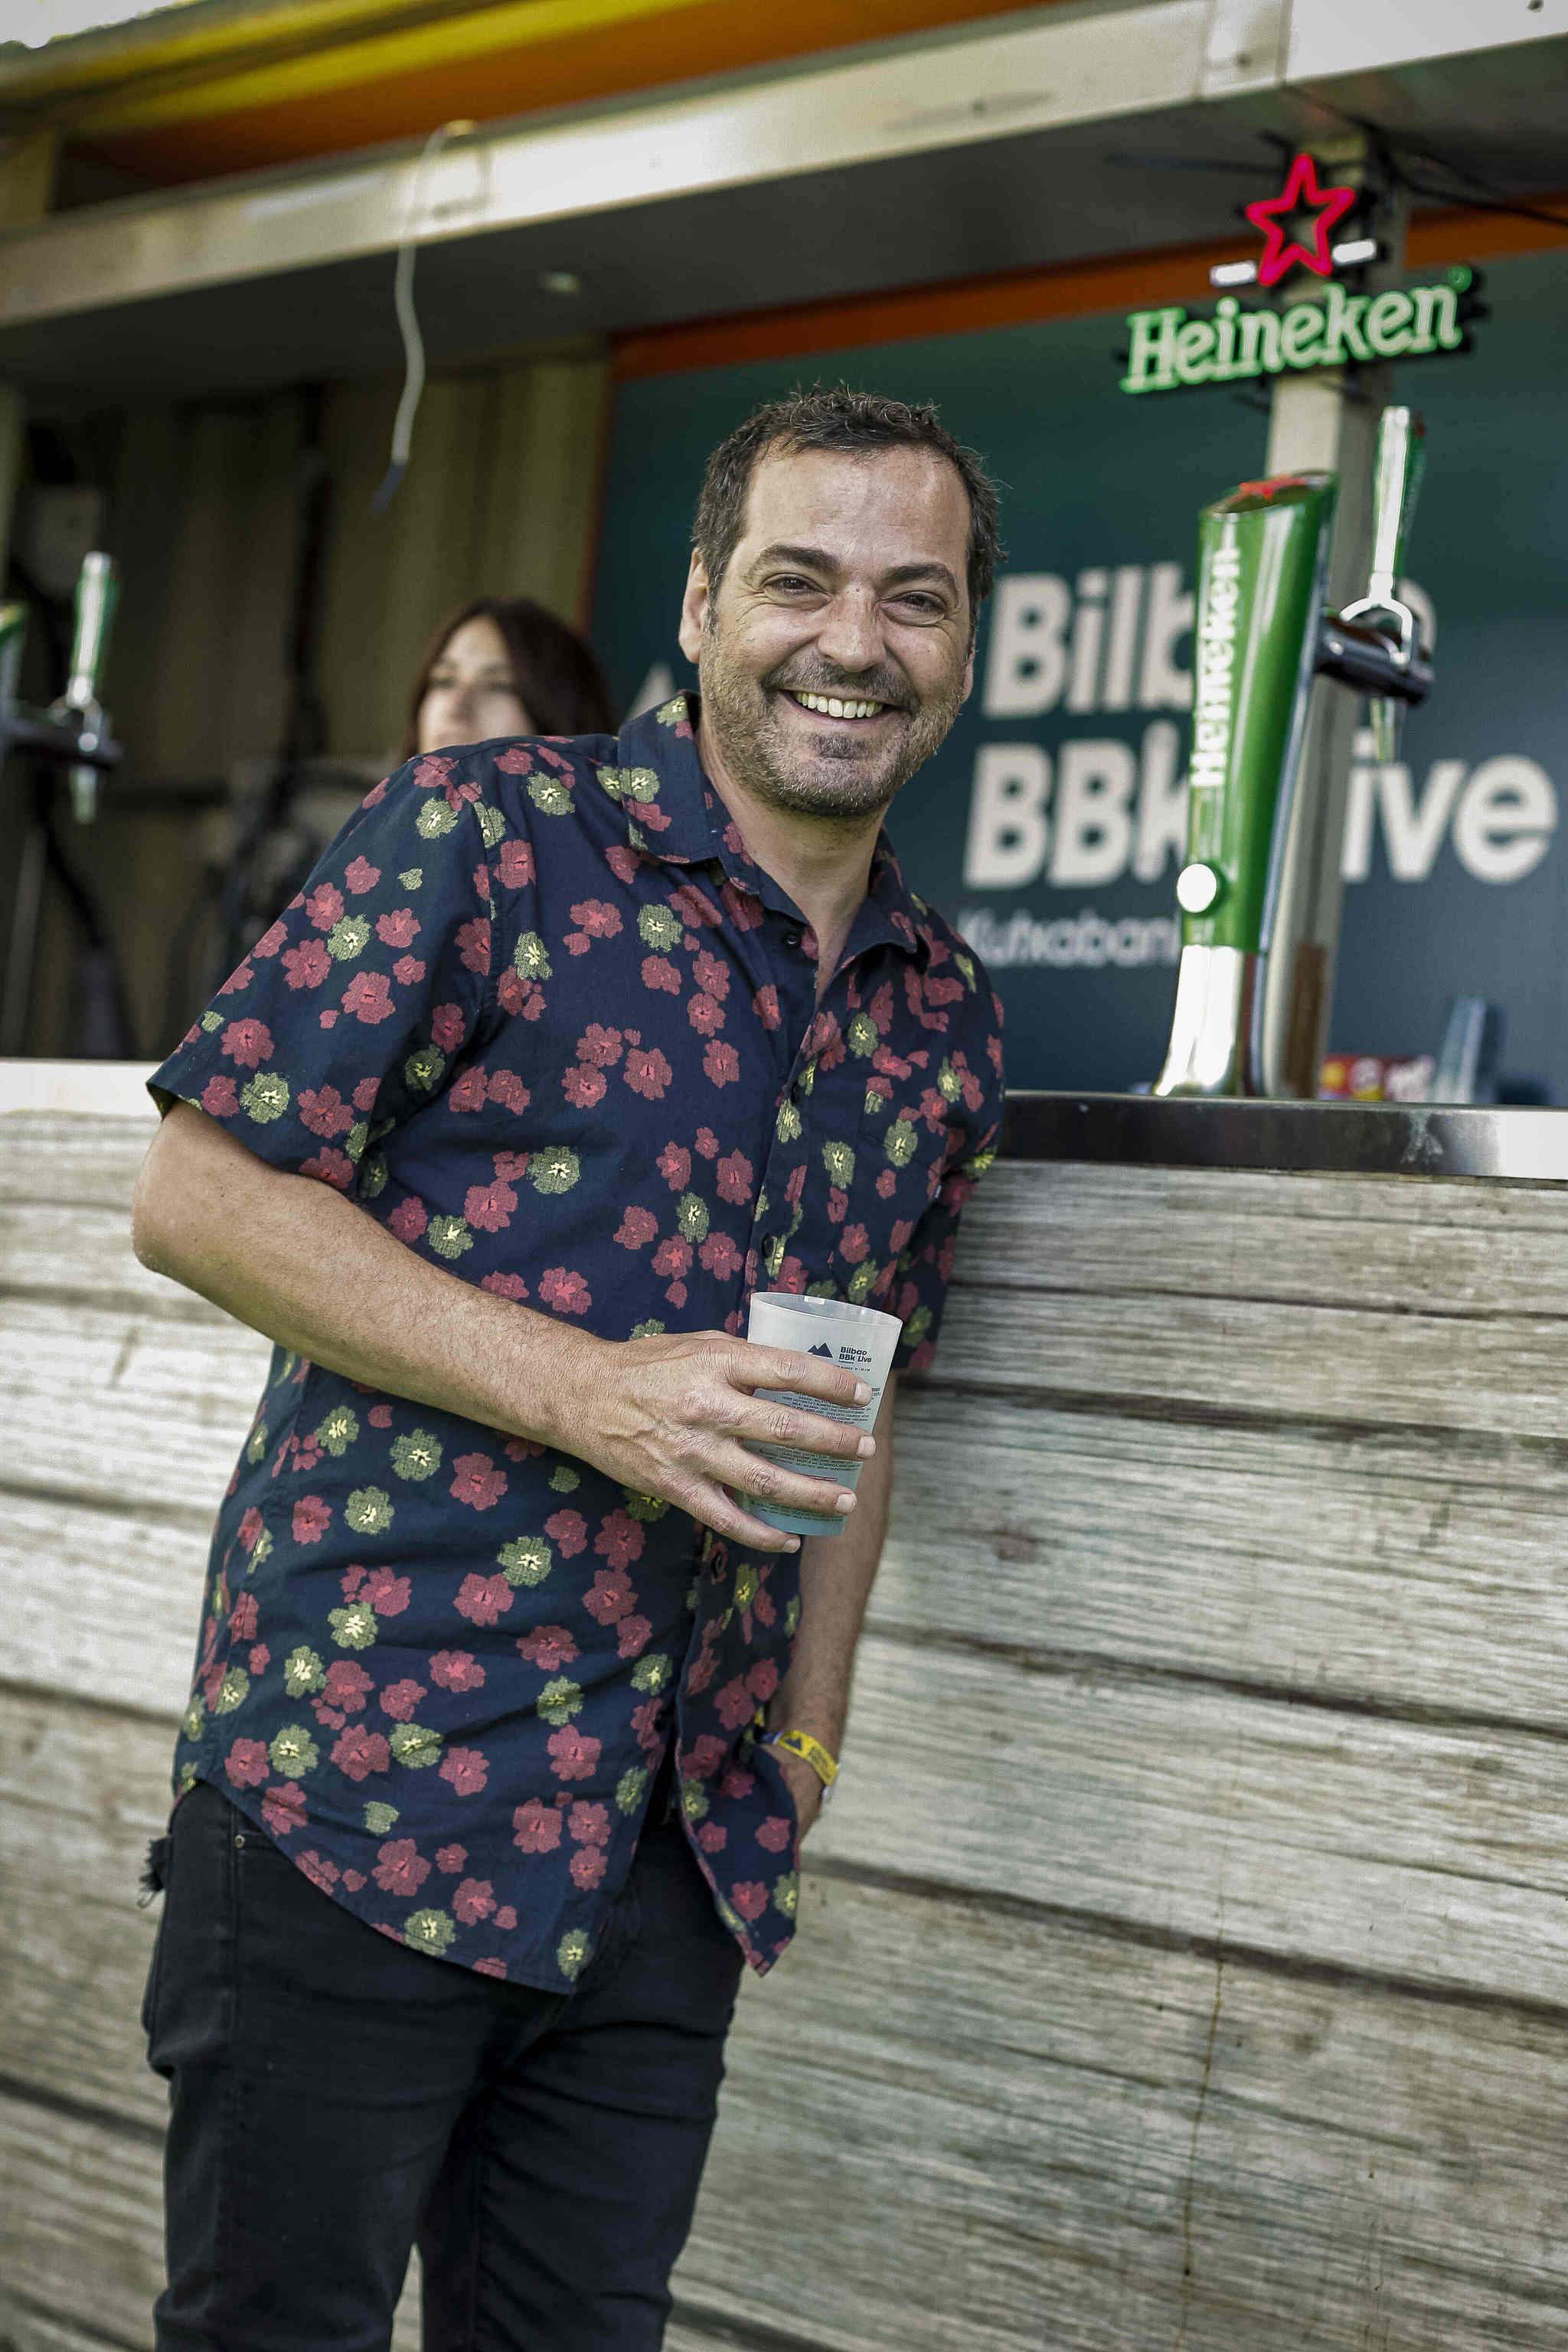 Álvaro Fuentes en la zona vip de Heineken del BBK Live.